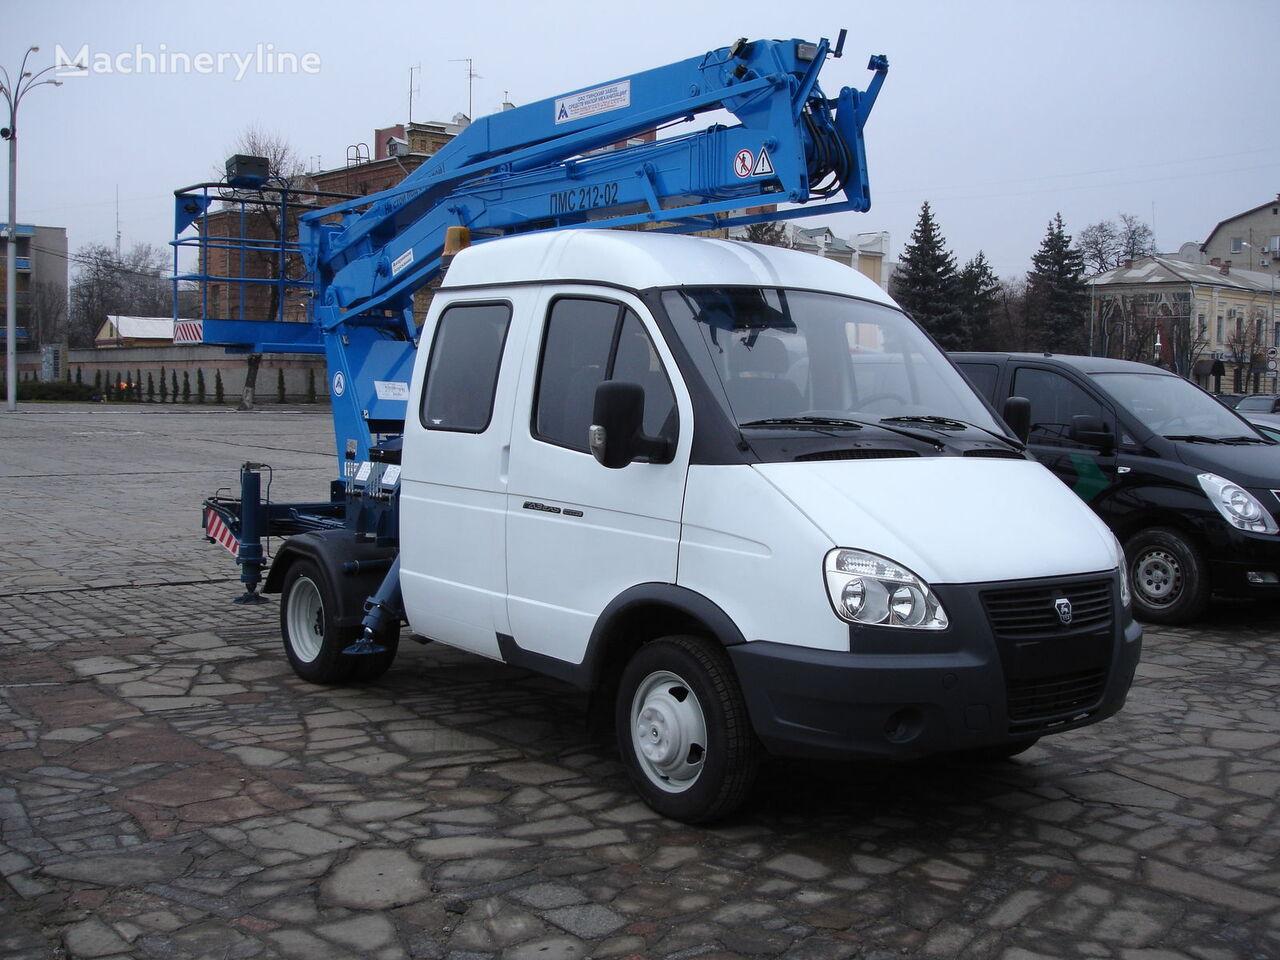 новая автовышка ГАЗ Автовышка ПМС-212-02